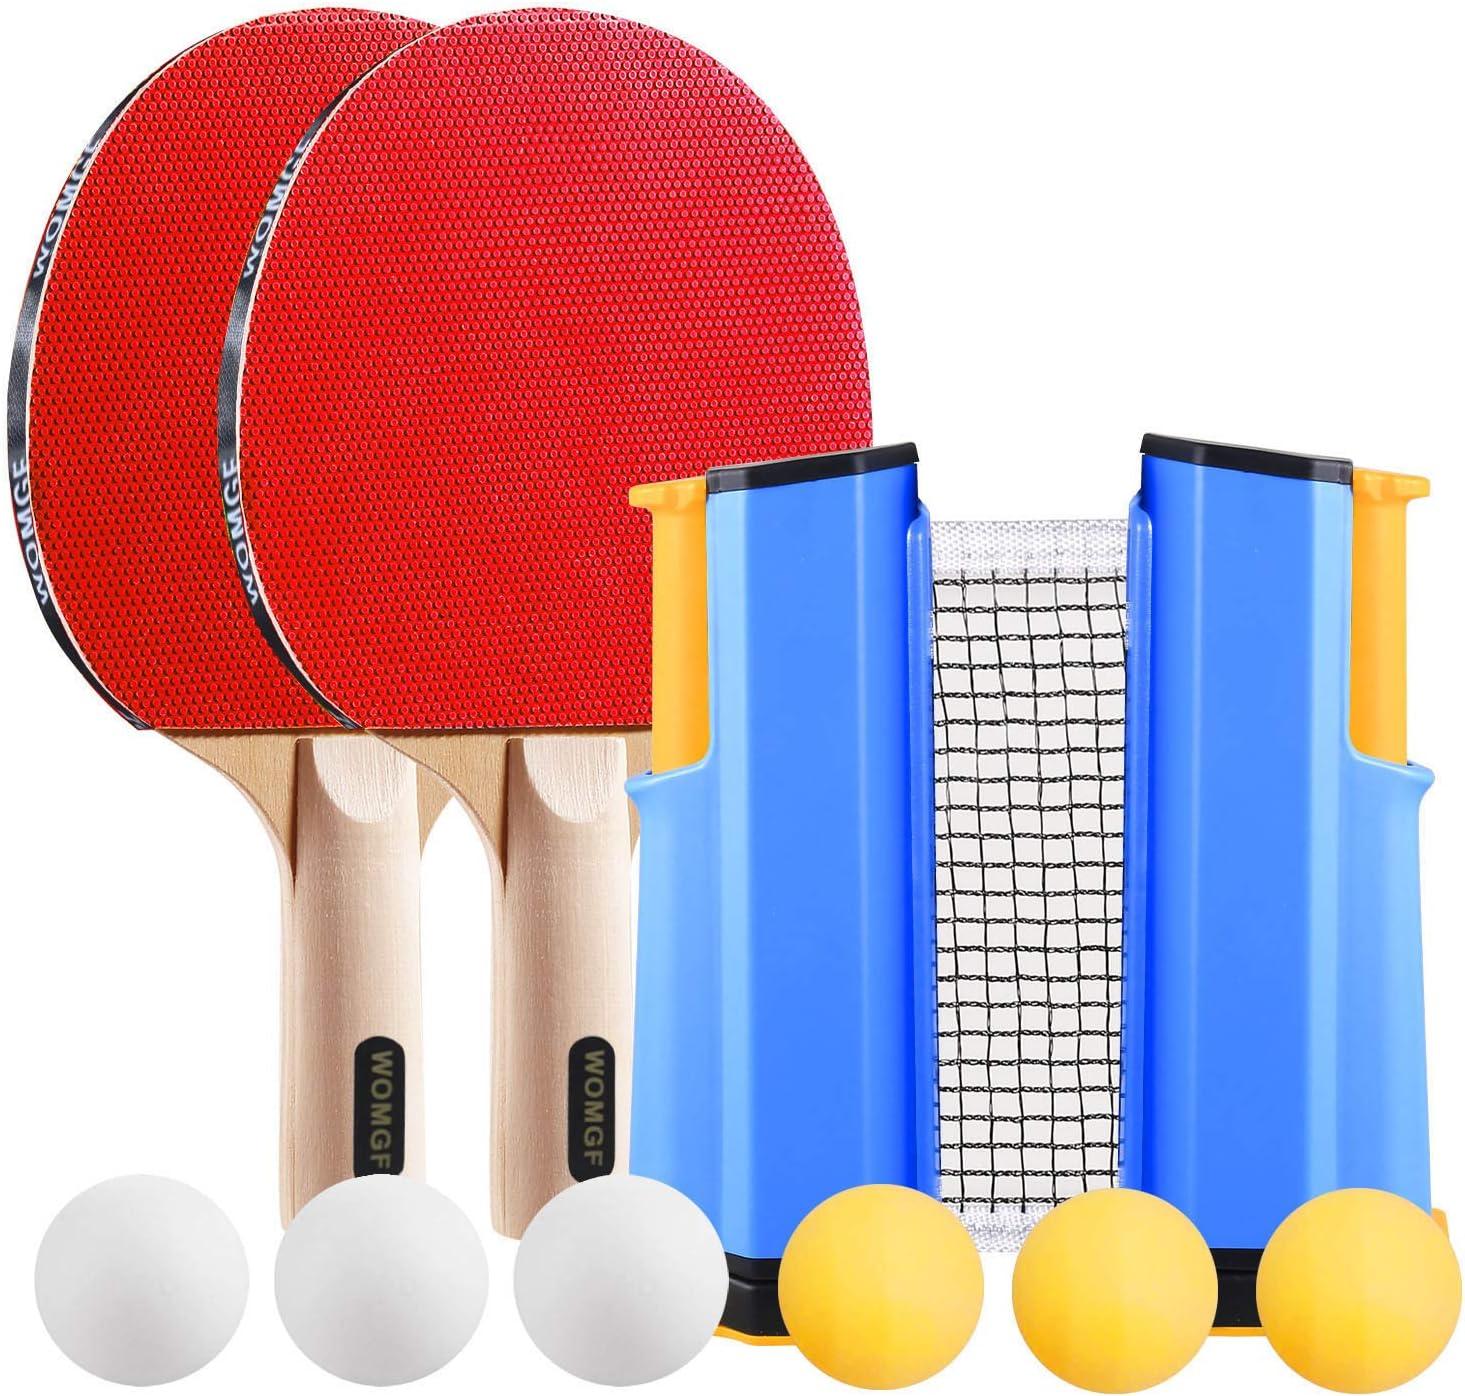 WOMGF Set de Ping Pong Pala y Pelota Profesional, 2 Raquetas y 6 Pelotas, Raquetas de Tenis de Mesa,Palas Tenis de Mesa Ping Pong Profesional,Set de Ping Pong Portátil con Red Retráctil